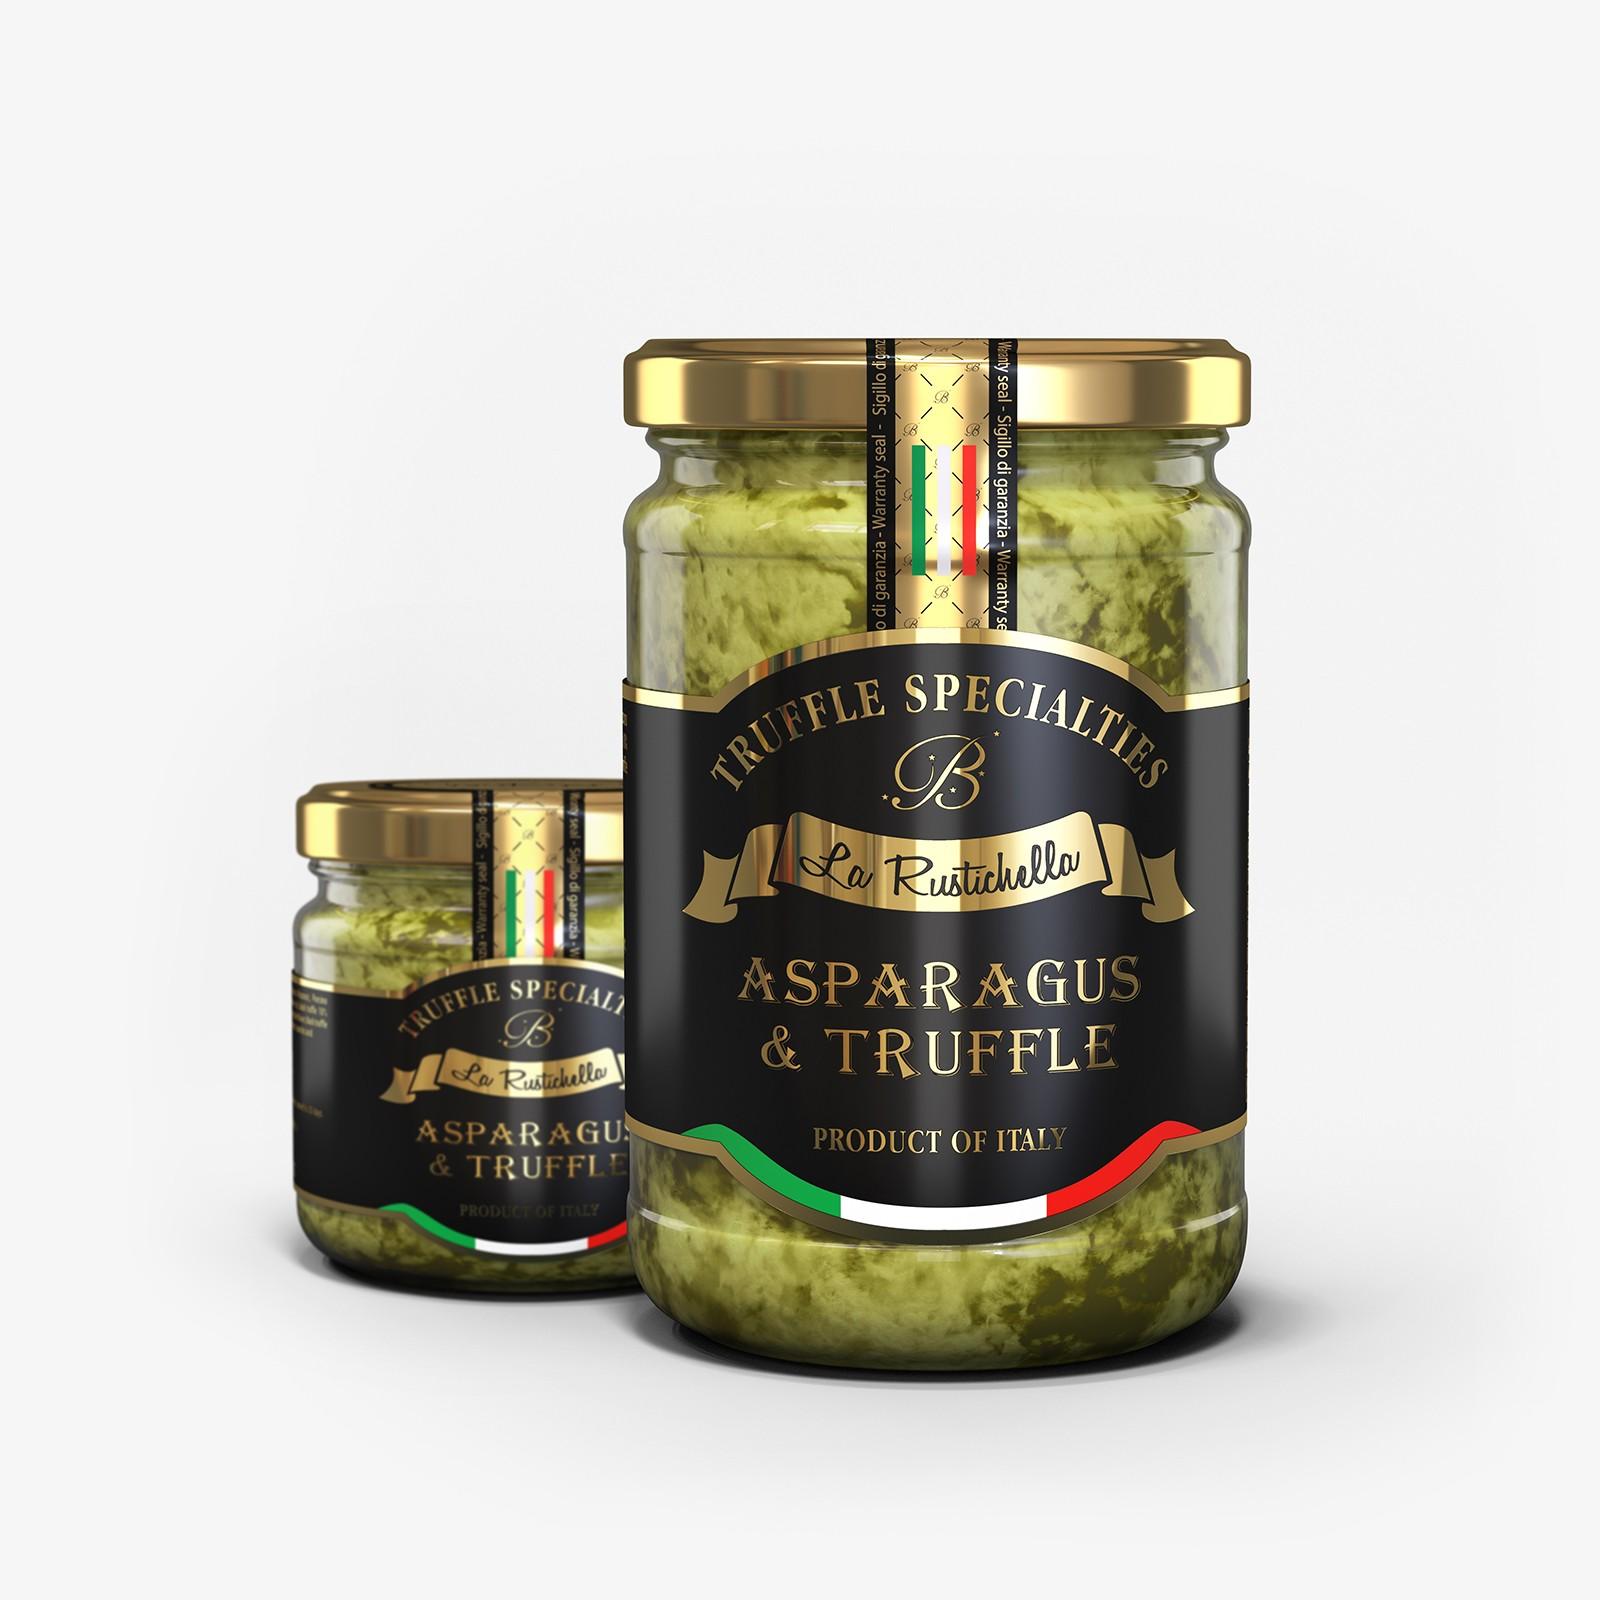 Asparagus & Truffle